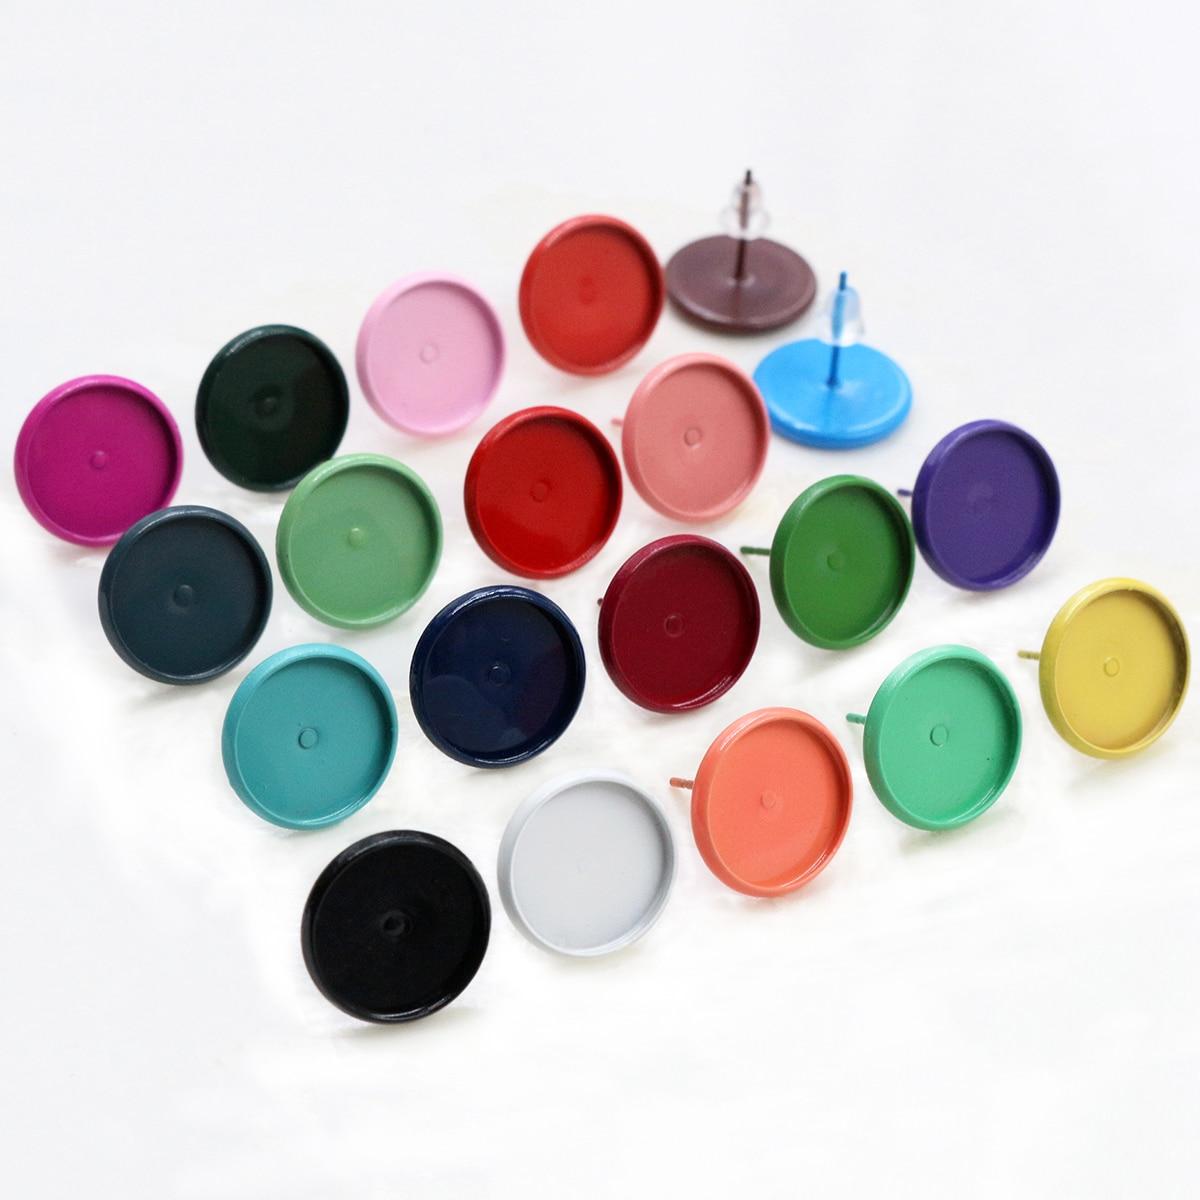 12 мм 10 мм 8 мм 20 шт./лот разноцветные покрытые серьги-гвоздики, серьги пустые/базовые, подходят для 8-12 мм стеклянных кабошонов, пуговиц; Заклеп...